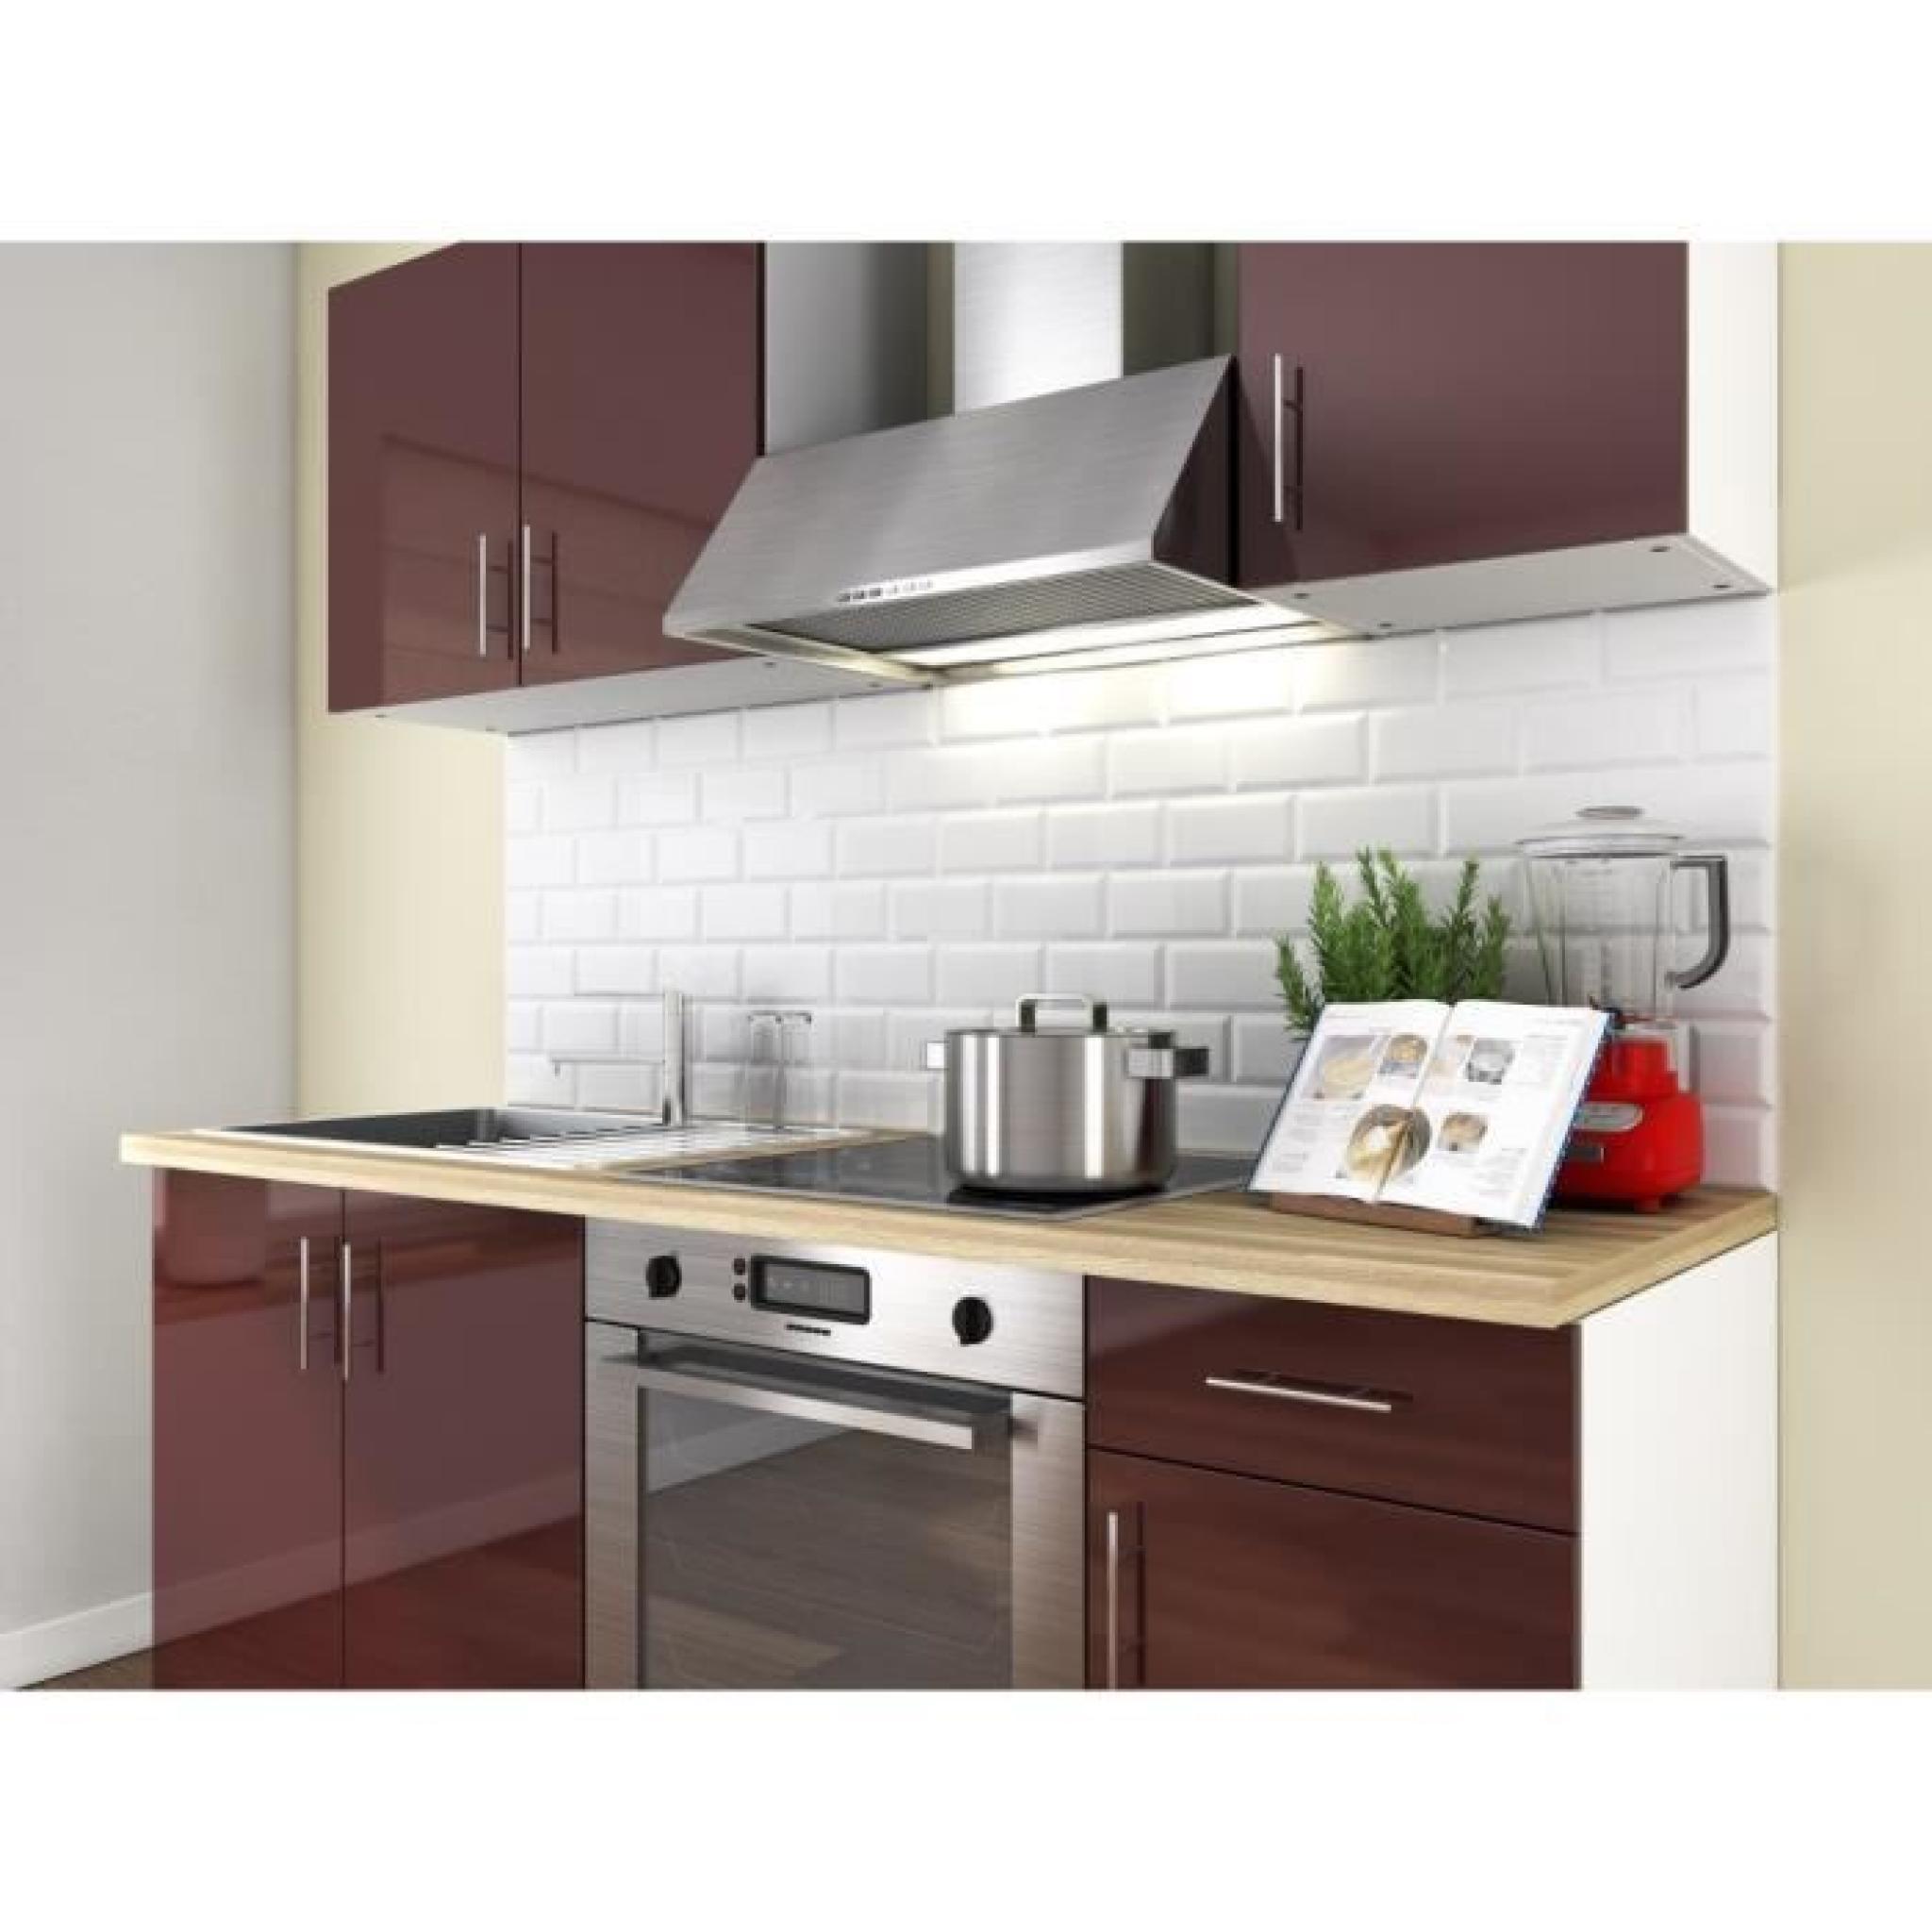 loft cuisine compl te 1m80 laqu bordeaux haute brillance achat vente cuisine complete pas. Black Bedroom Furniture Sets. Home Design Ideas